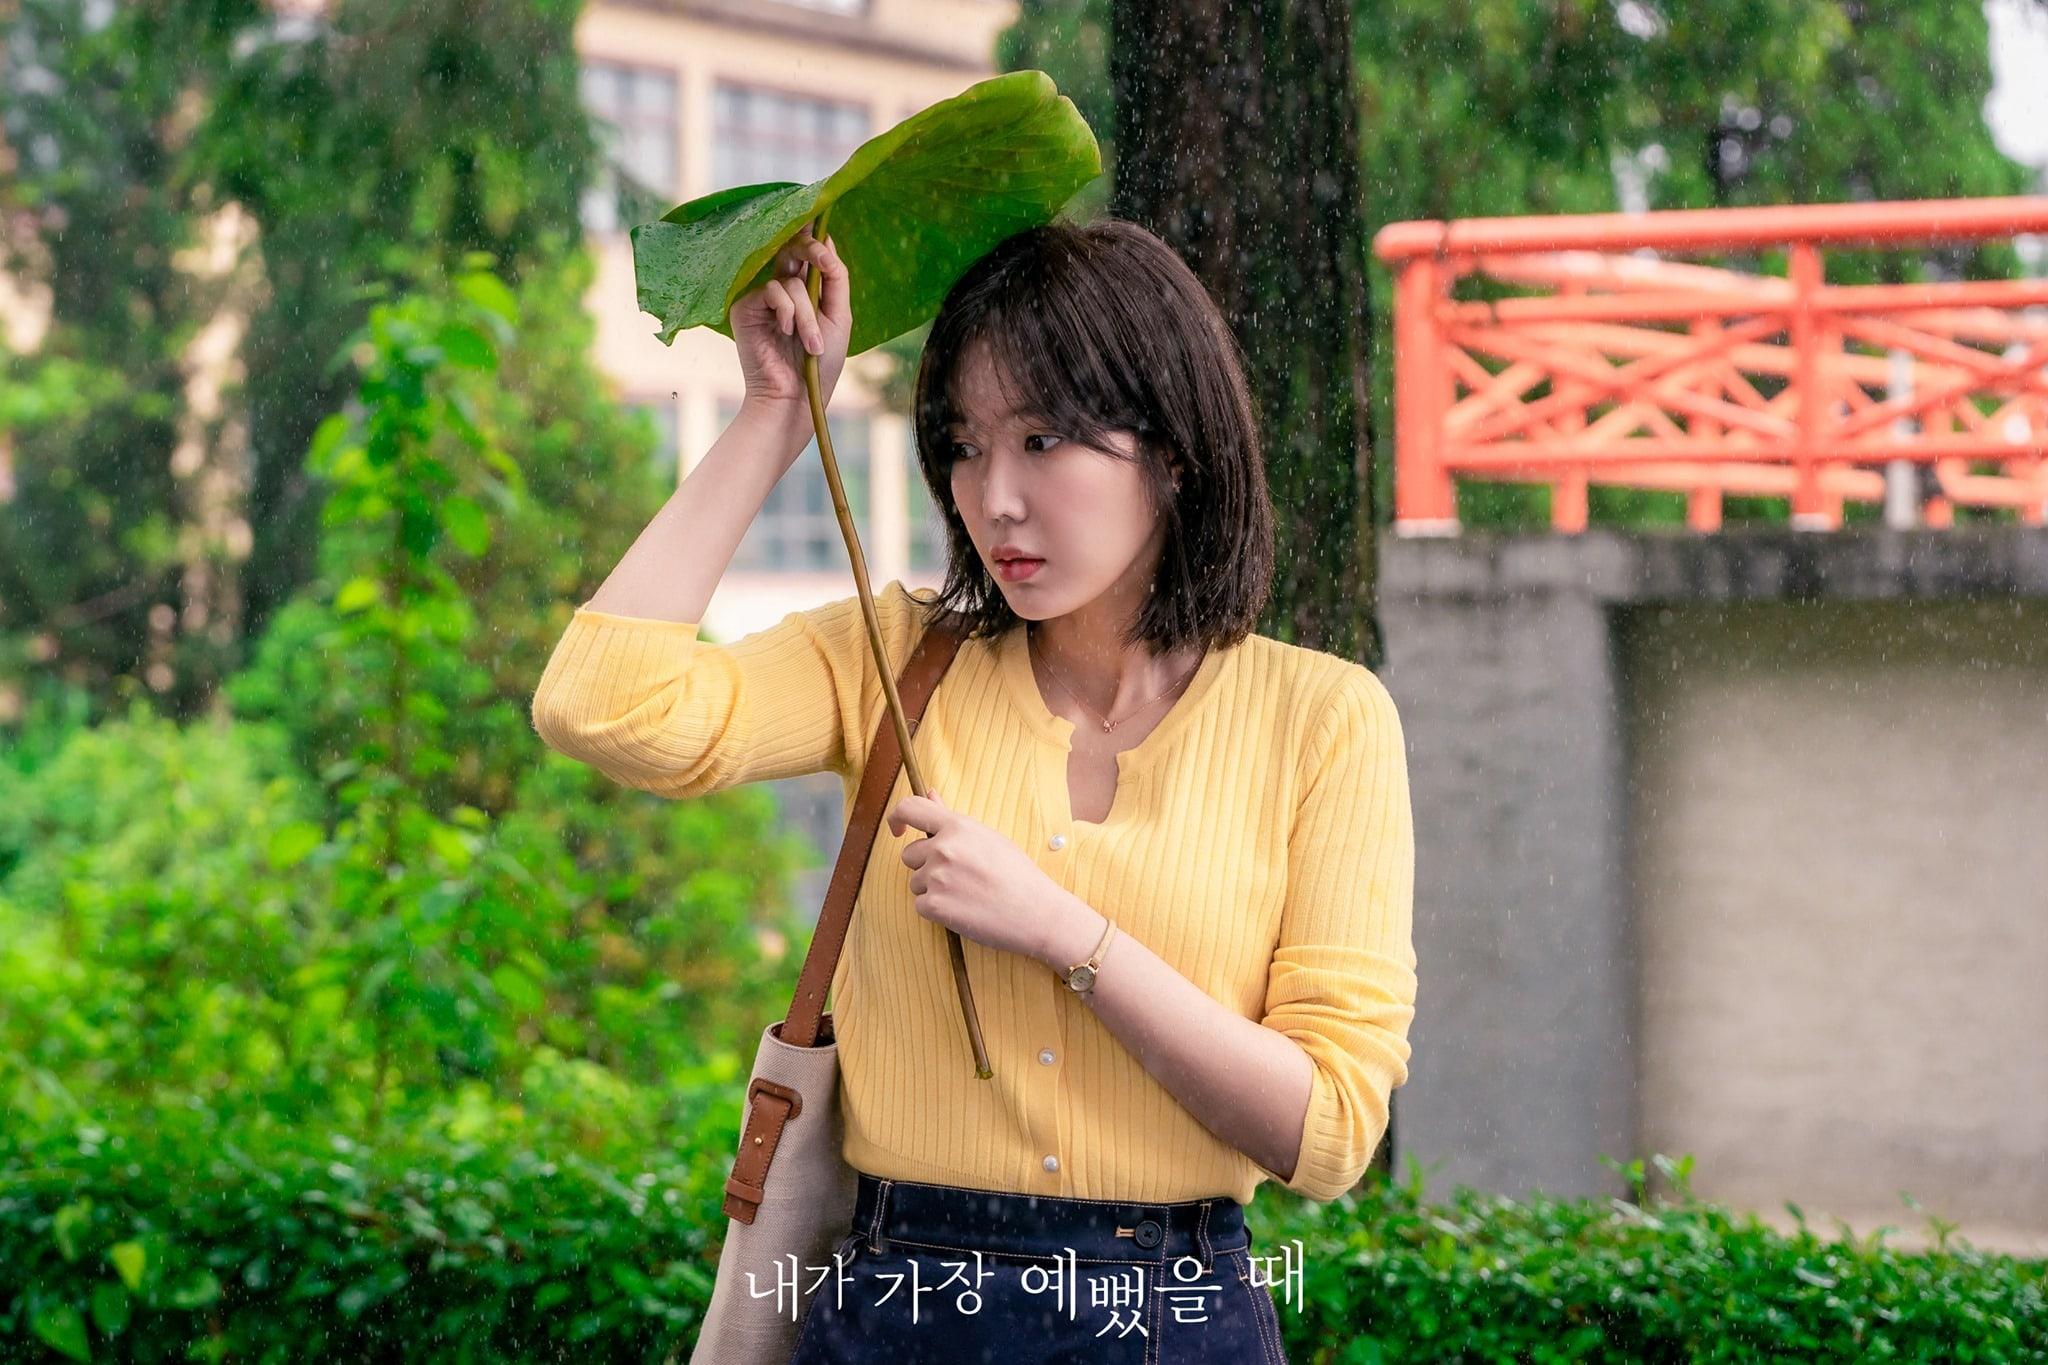 林秀香分享为什么选择出演新剧韩剧《当我最漂亮的时候》